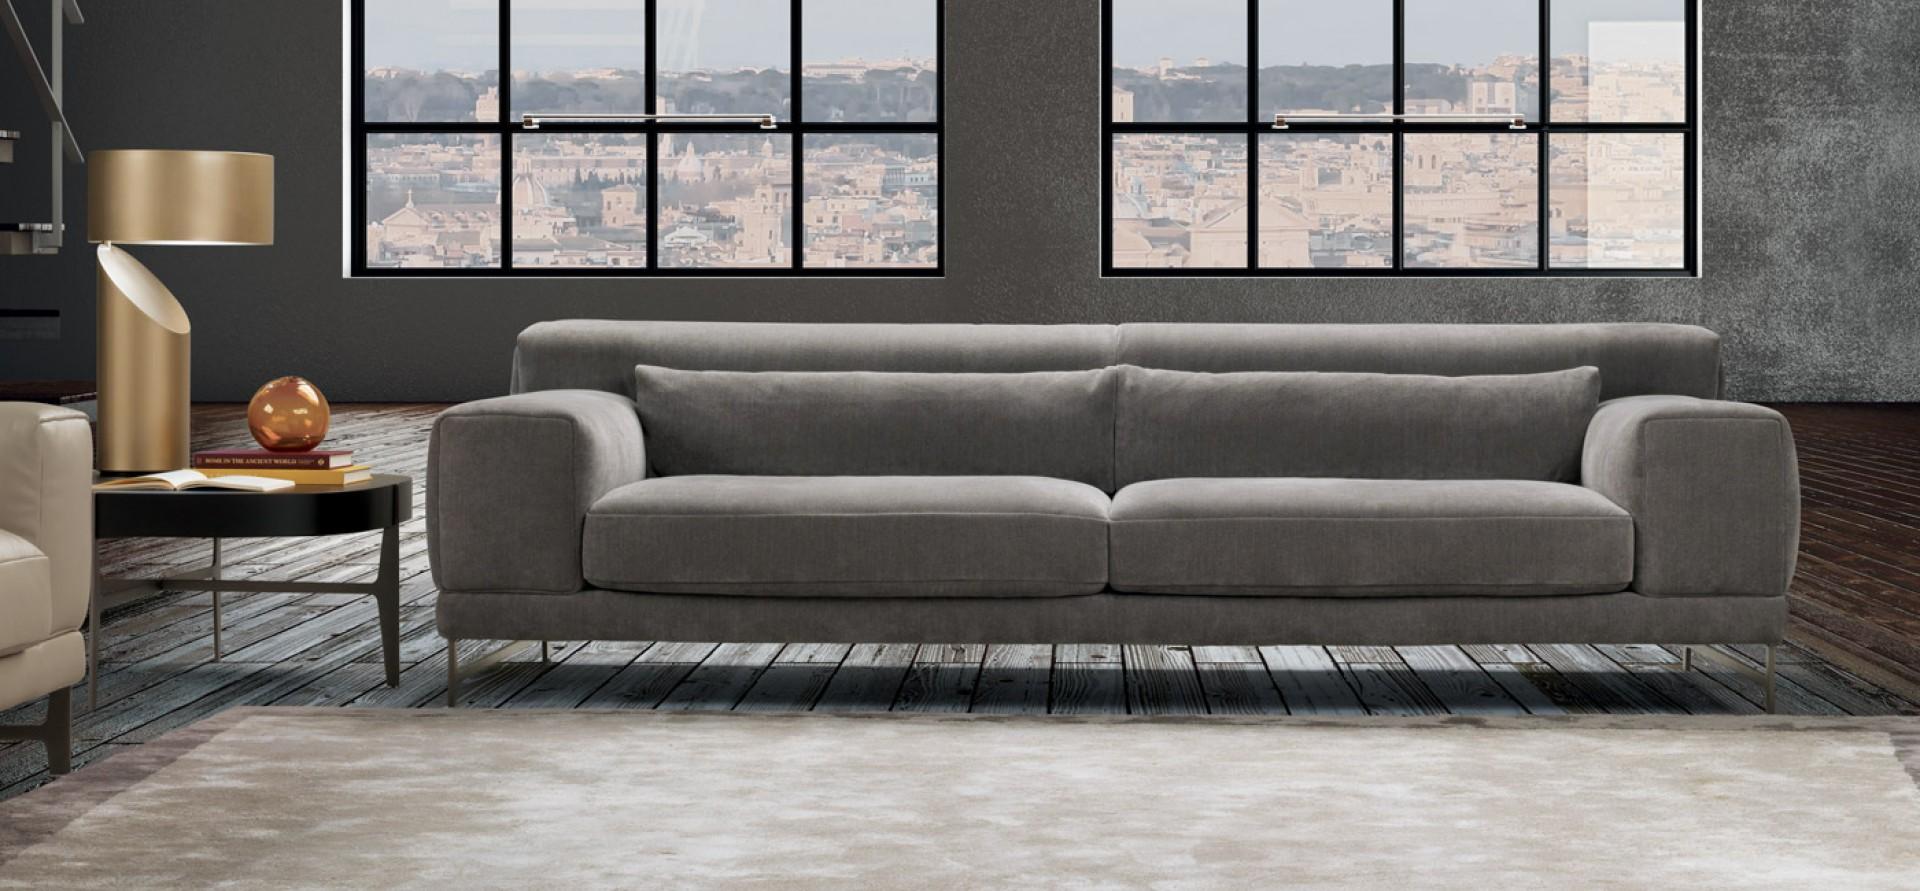 Sofa Ido firmy Natuzzi. Fot. Natuzzi